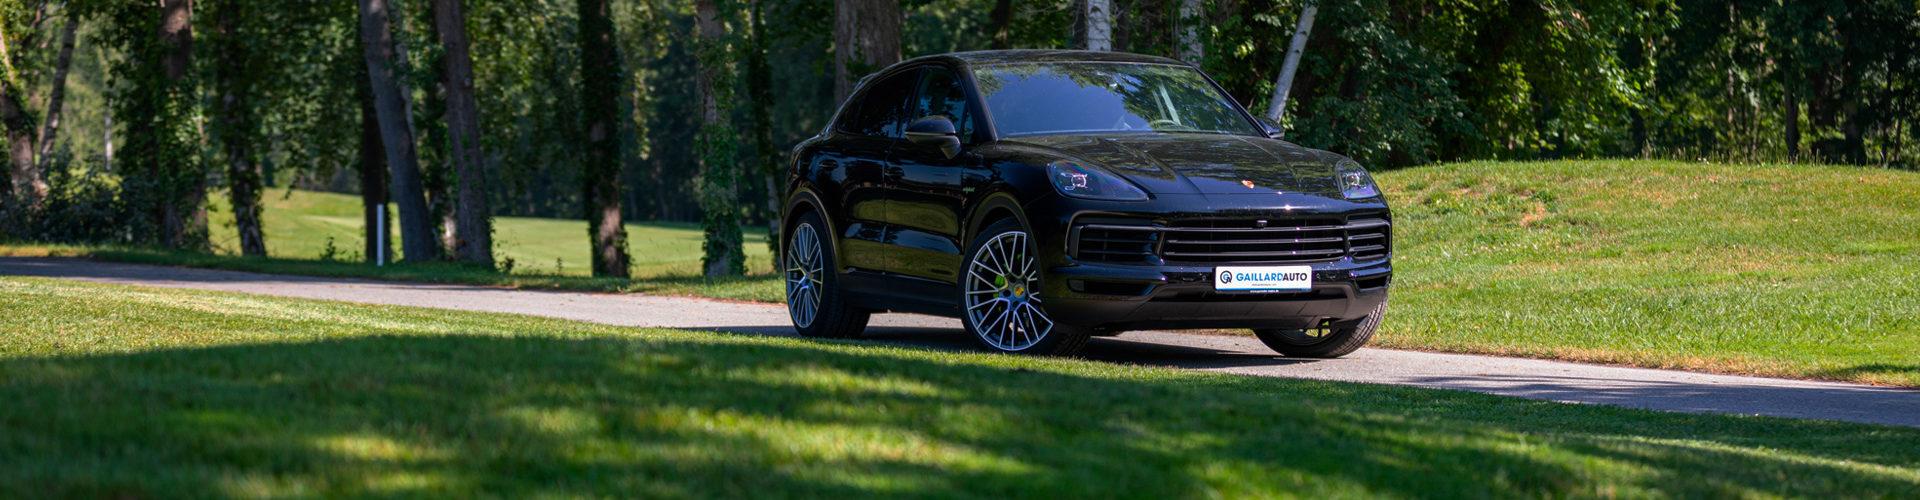 Import auto Allemagne par Gaillard Auto pour ce Porsche Cayenne Hybride